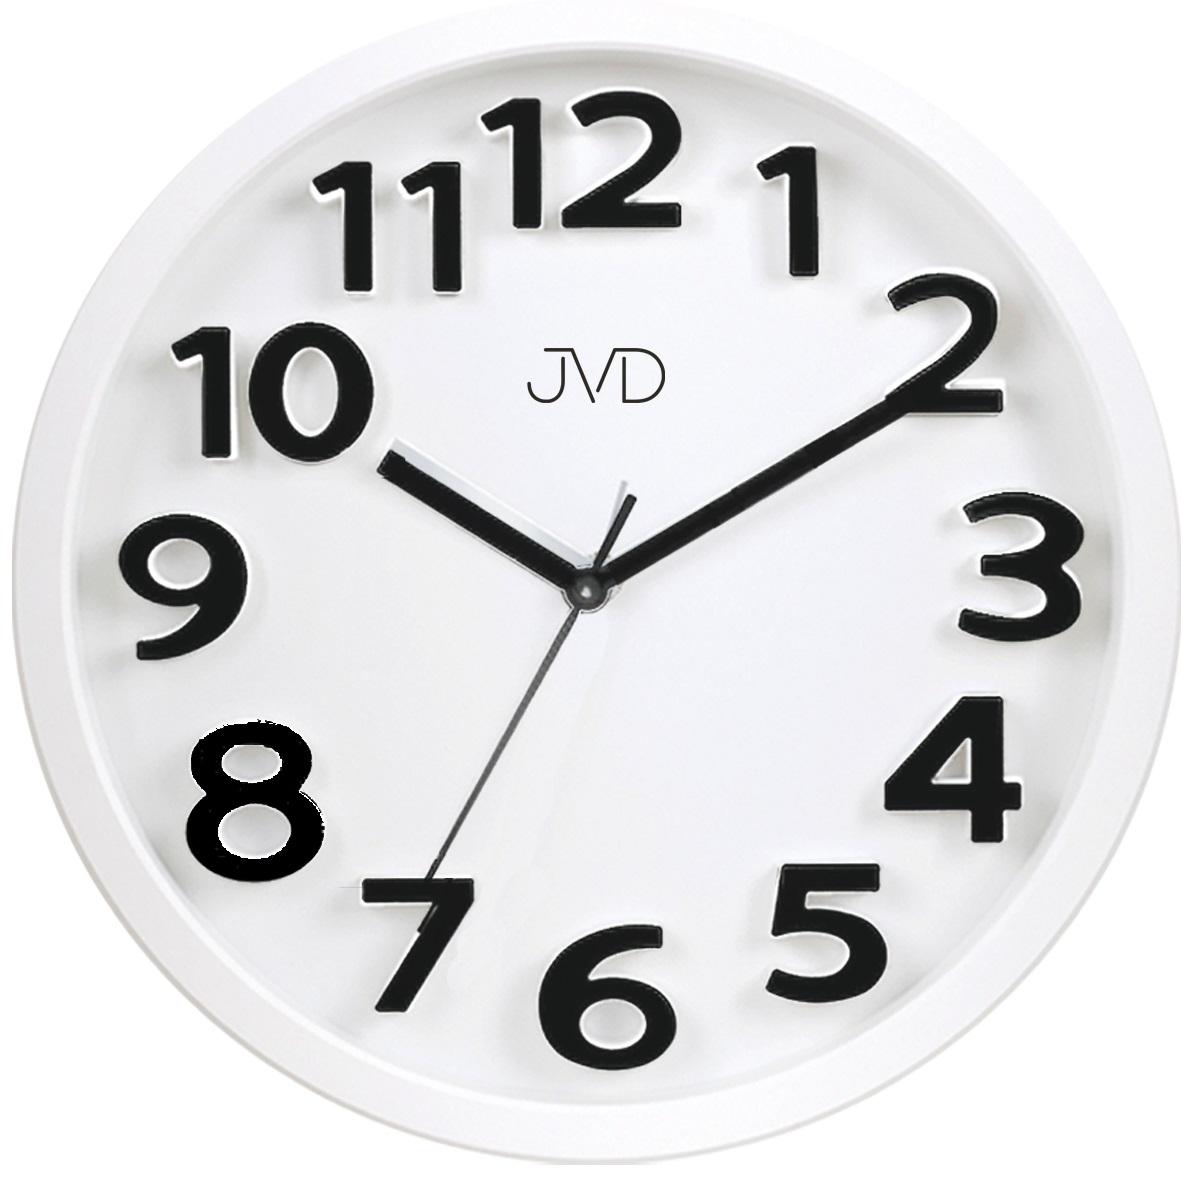 Bílé čitelné dětské hodiny JVD HA48.1 (dětské hodiny)